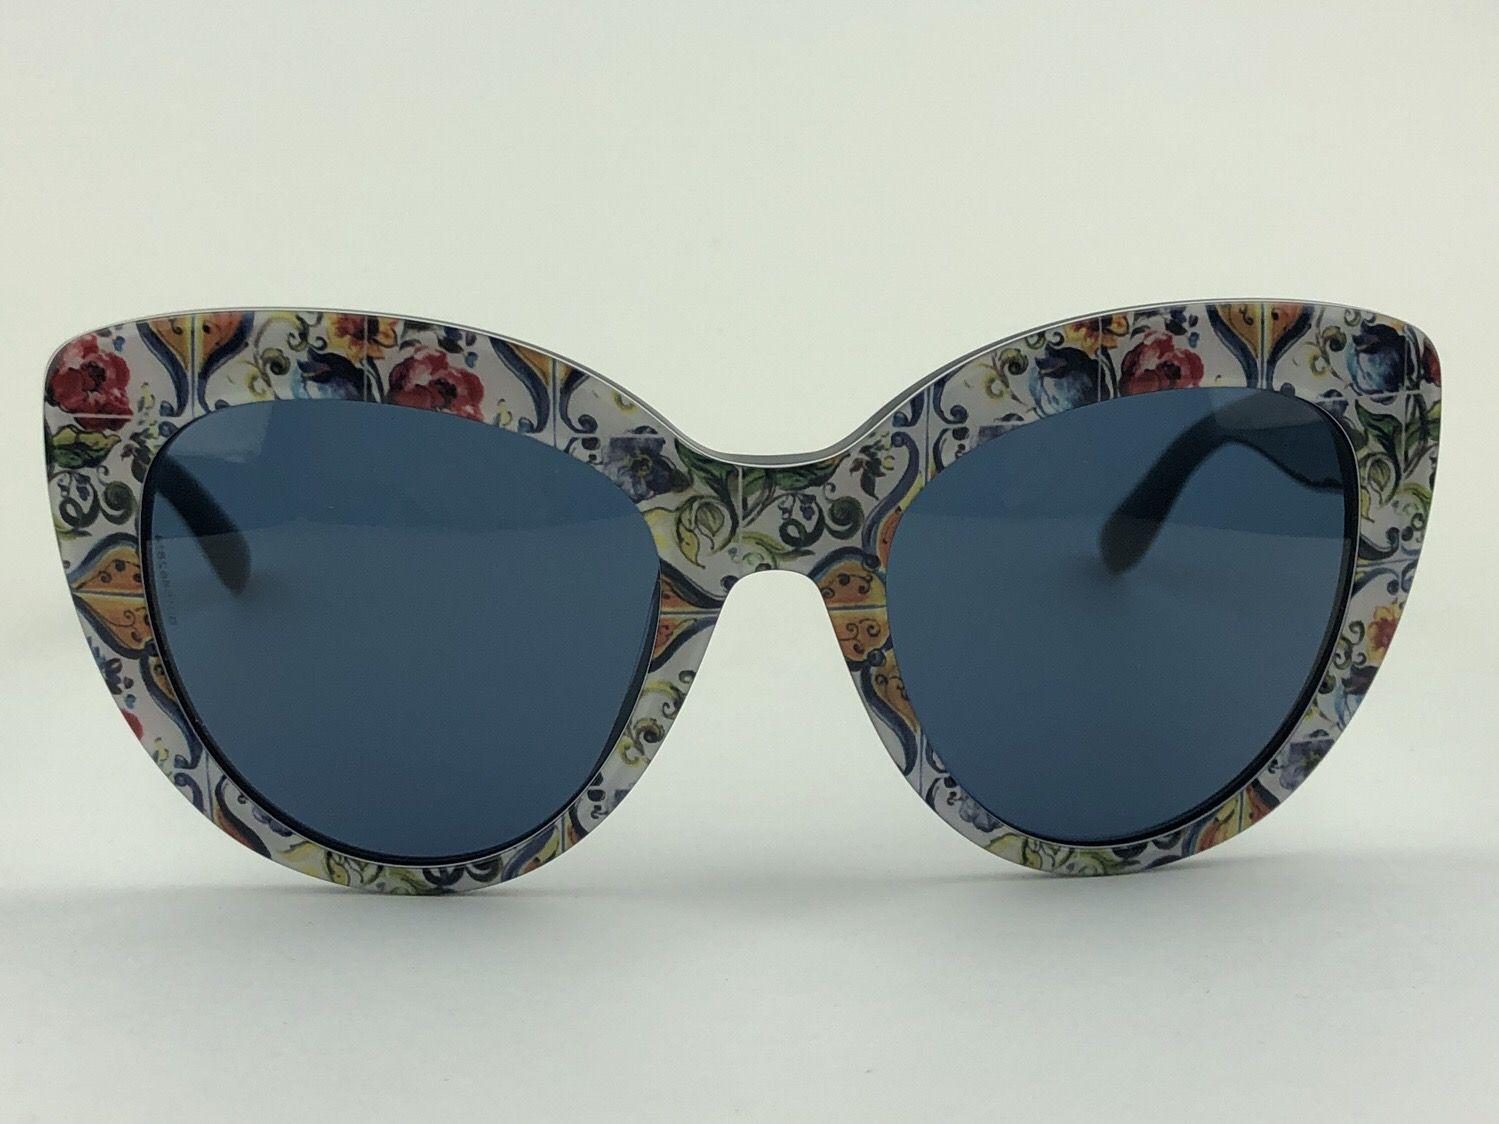 Dolce & Gabbana - DG4287 - Estampado - 307880 - 53/21 - Óculos de sol